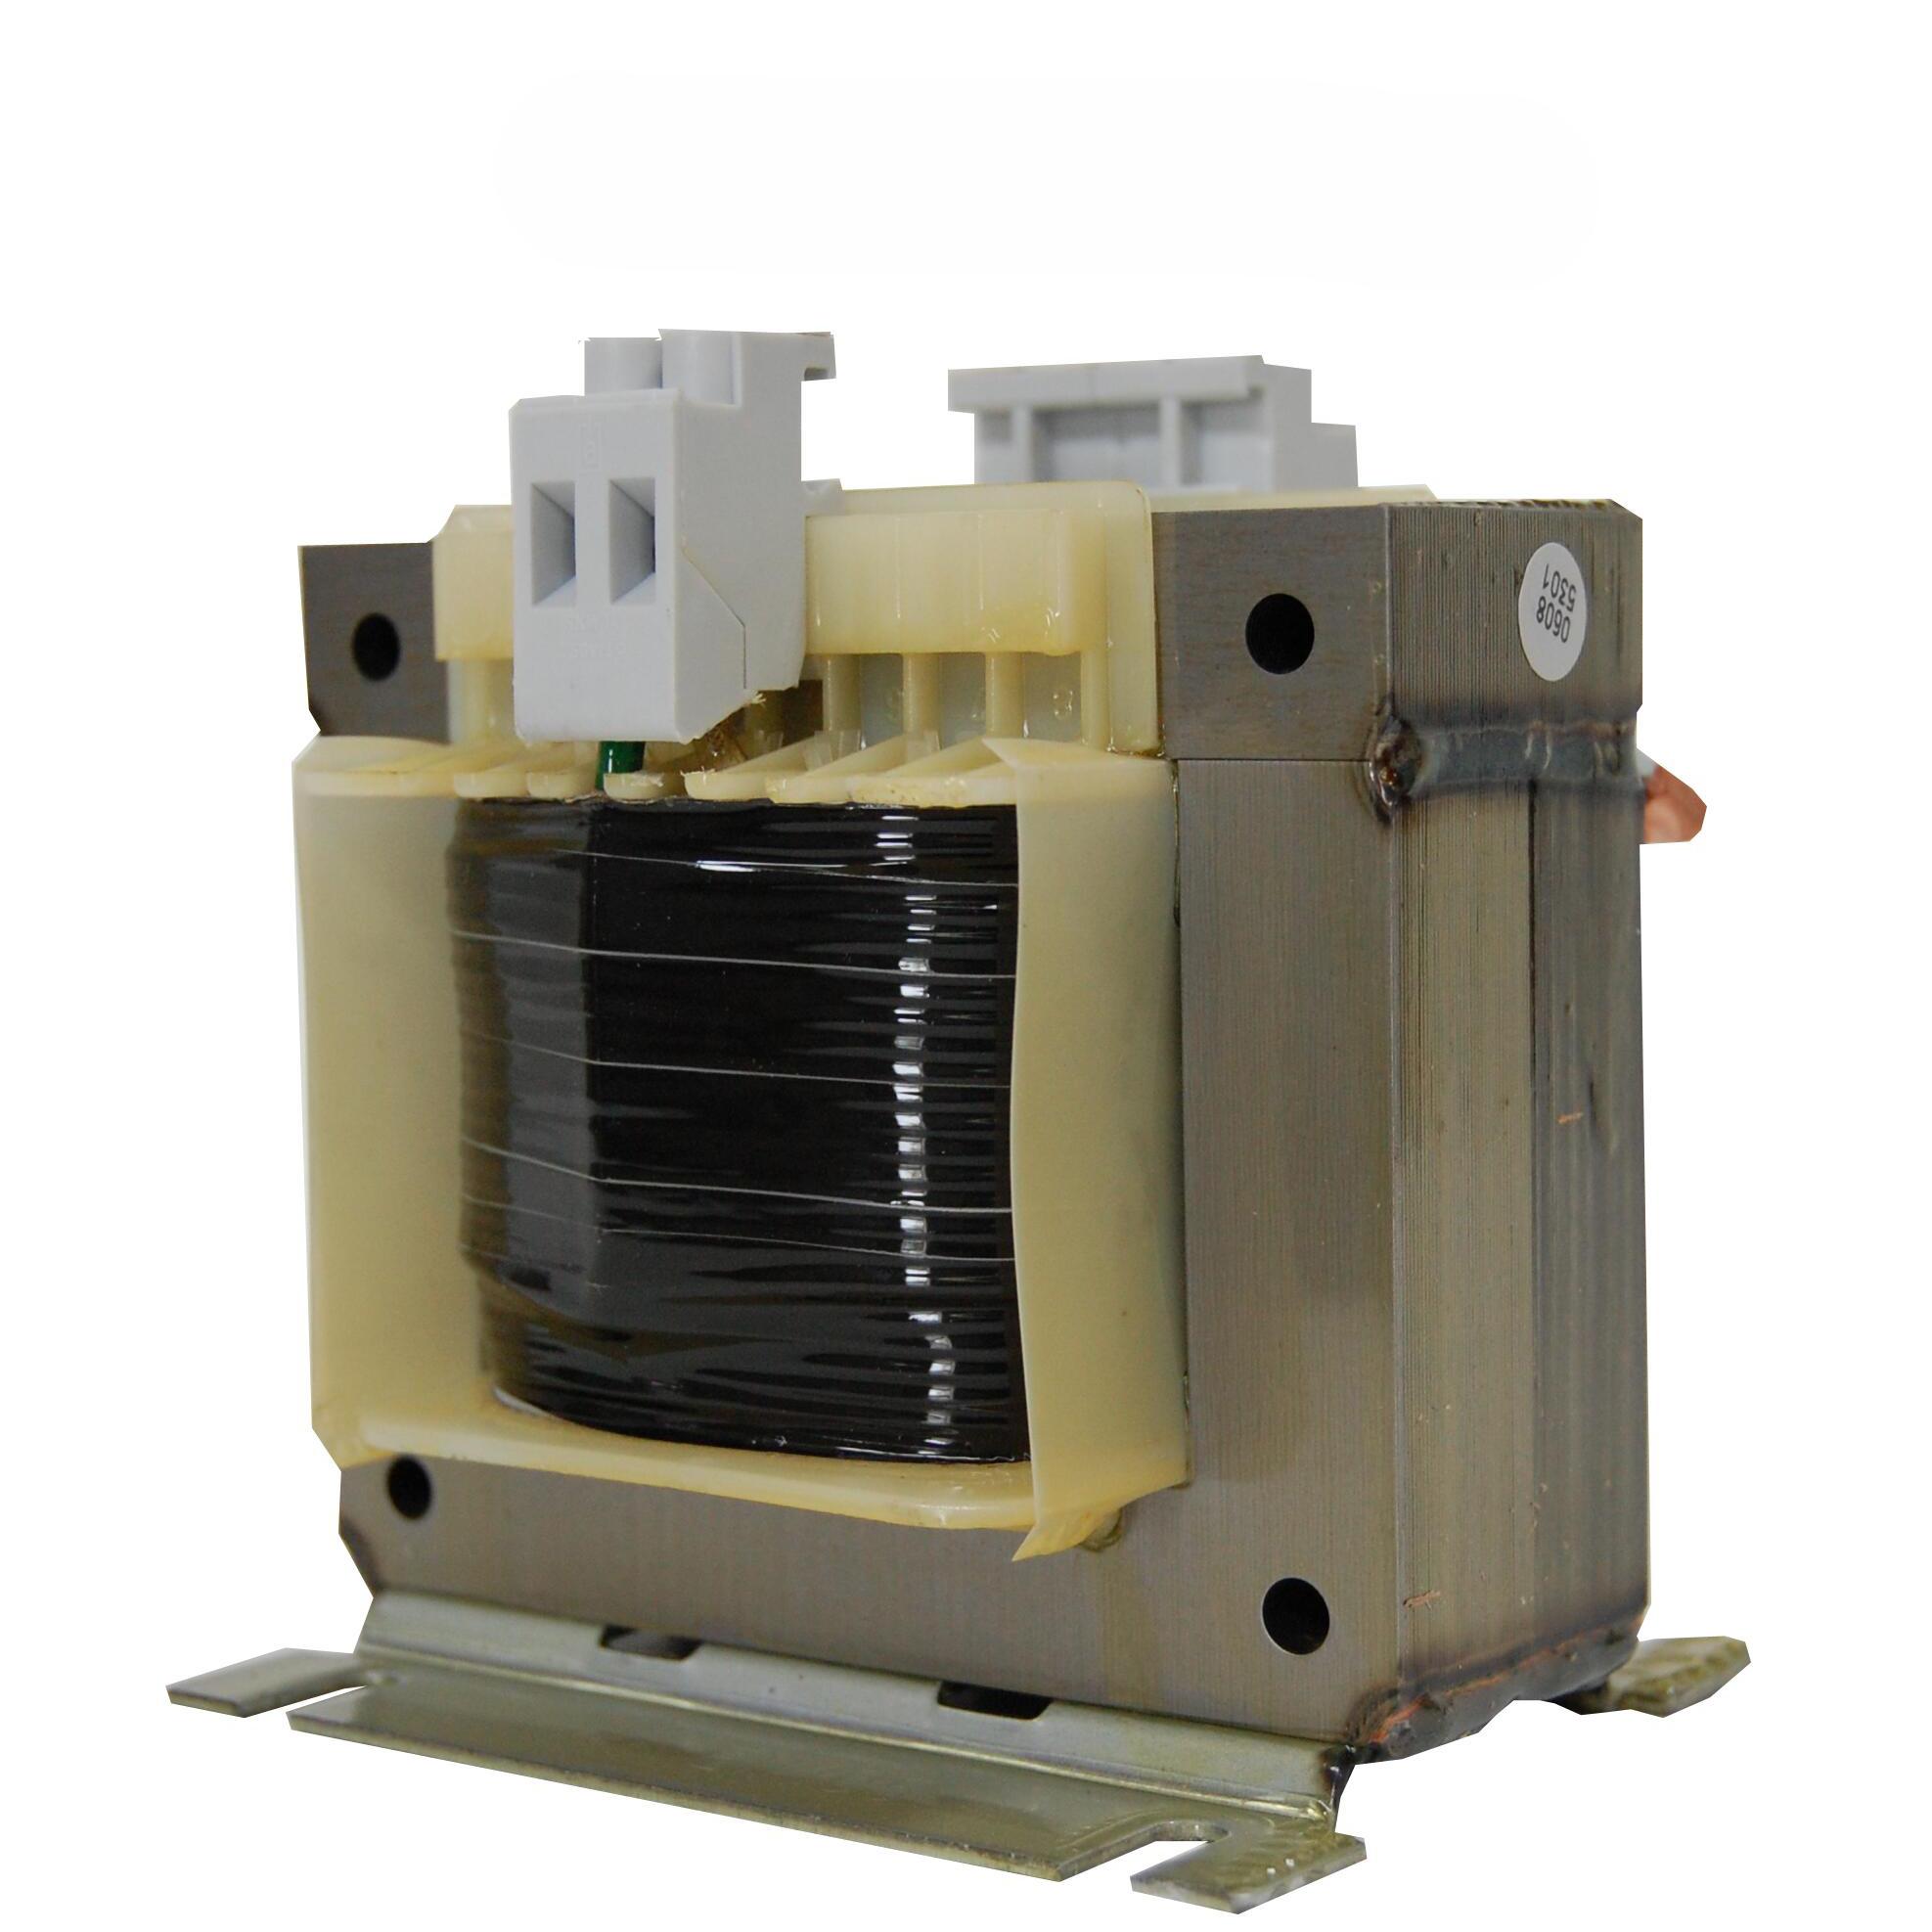 1 Stk Einphasen Steuertransformator 400/24V, 160VA, IP00 LP603016T-